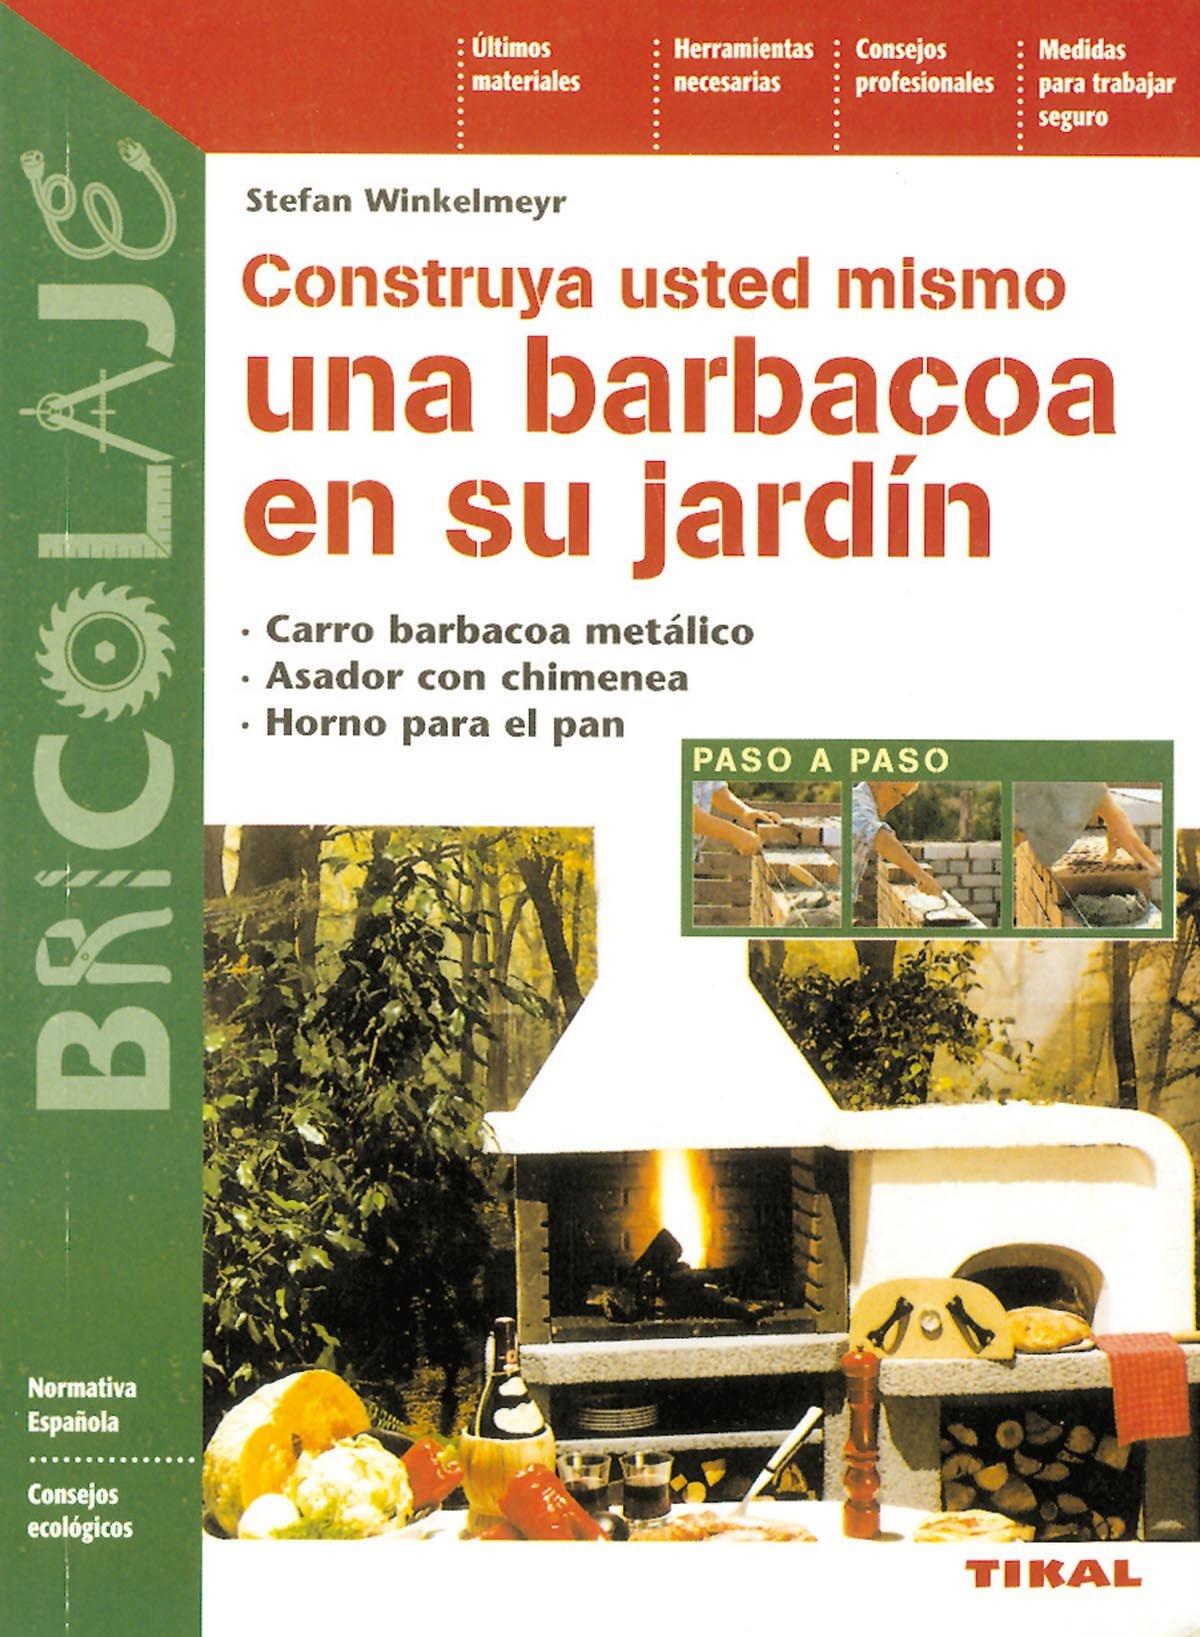 Construya Usted Mismo Una Barb (Bricolaje): Amazon.es: Stefan Winkelmeyr: Libros